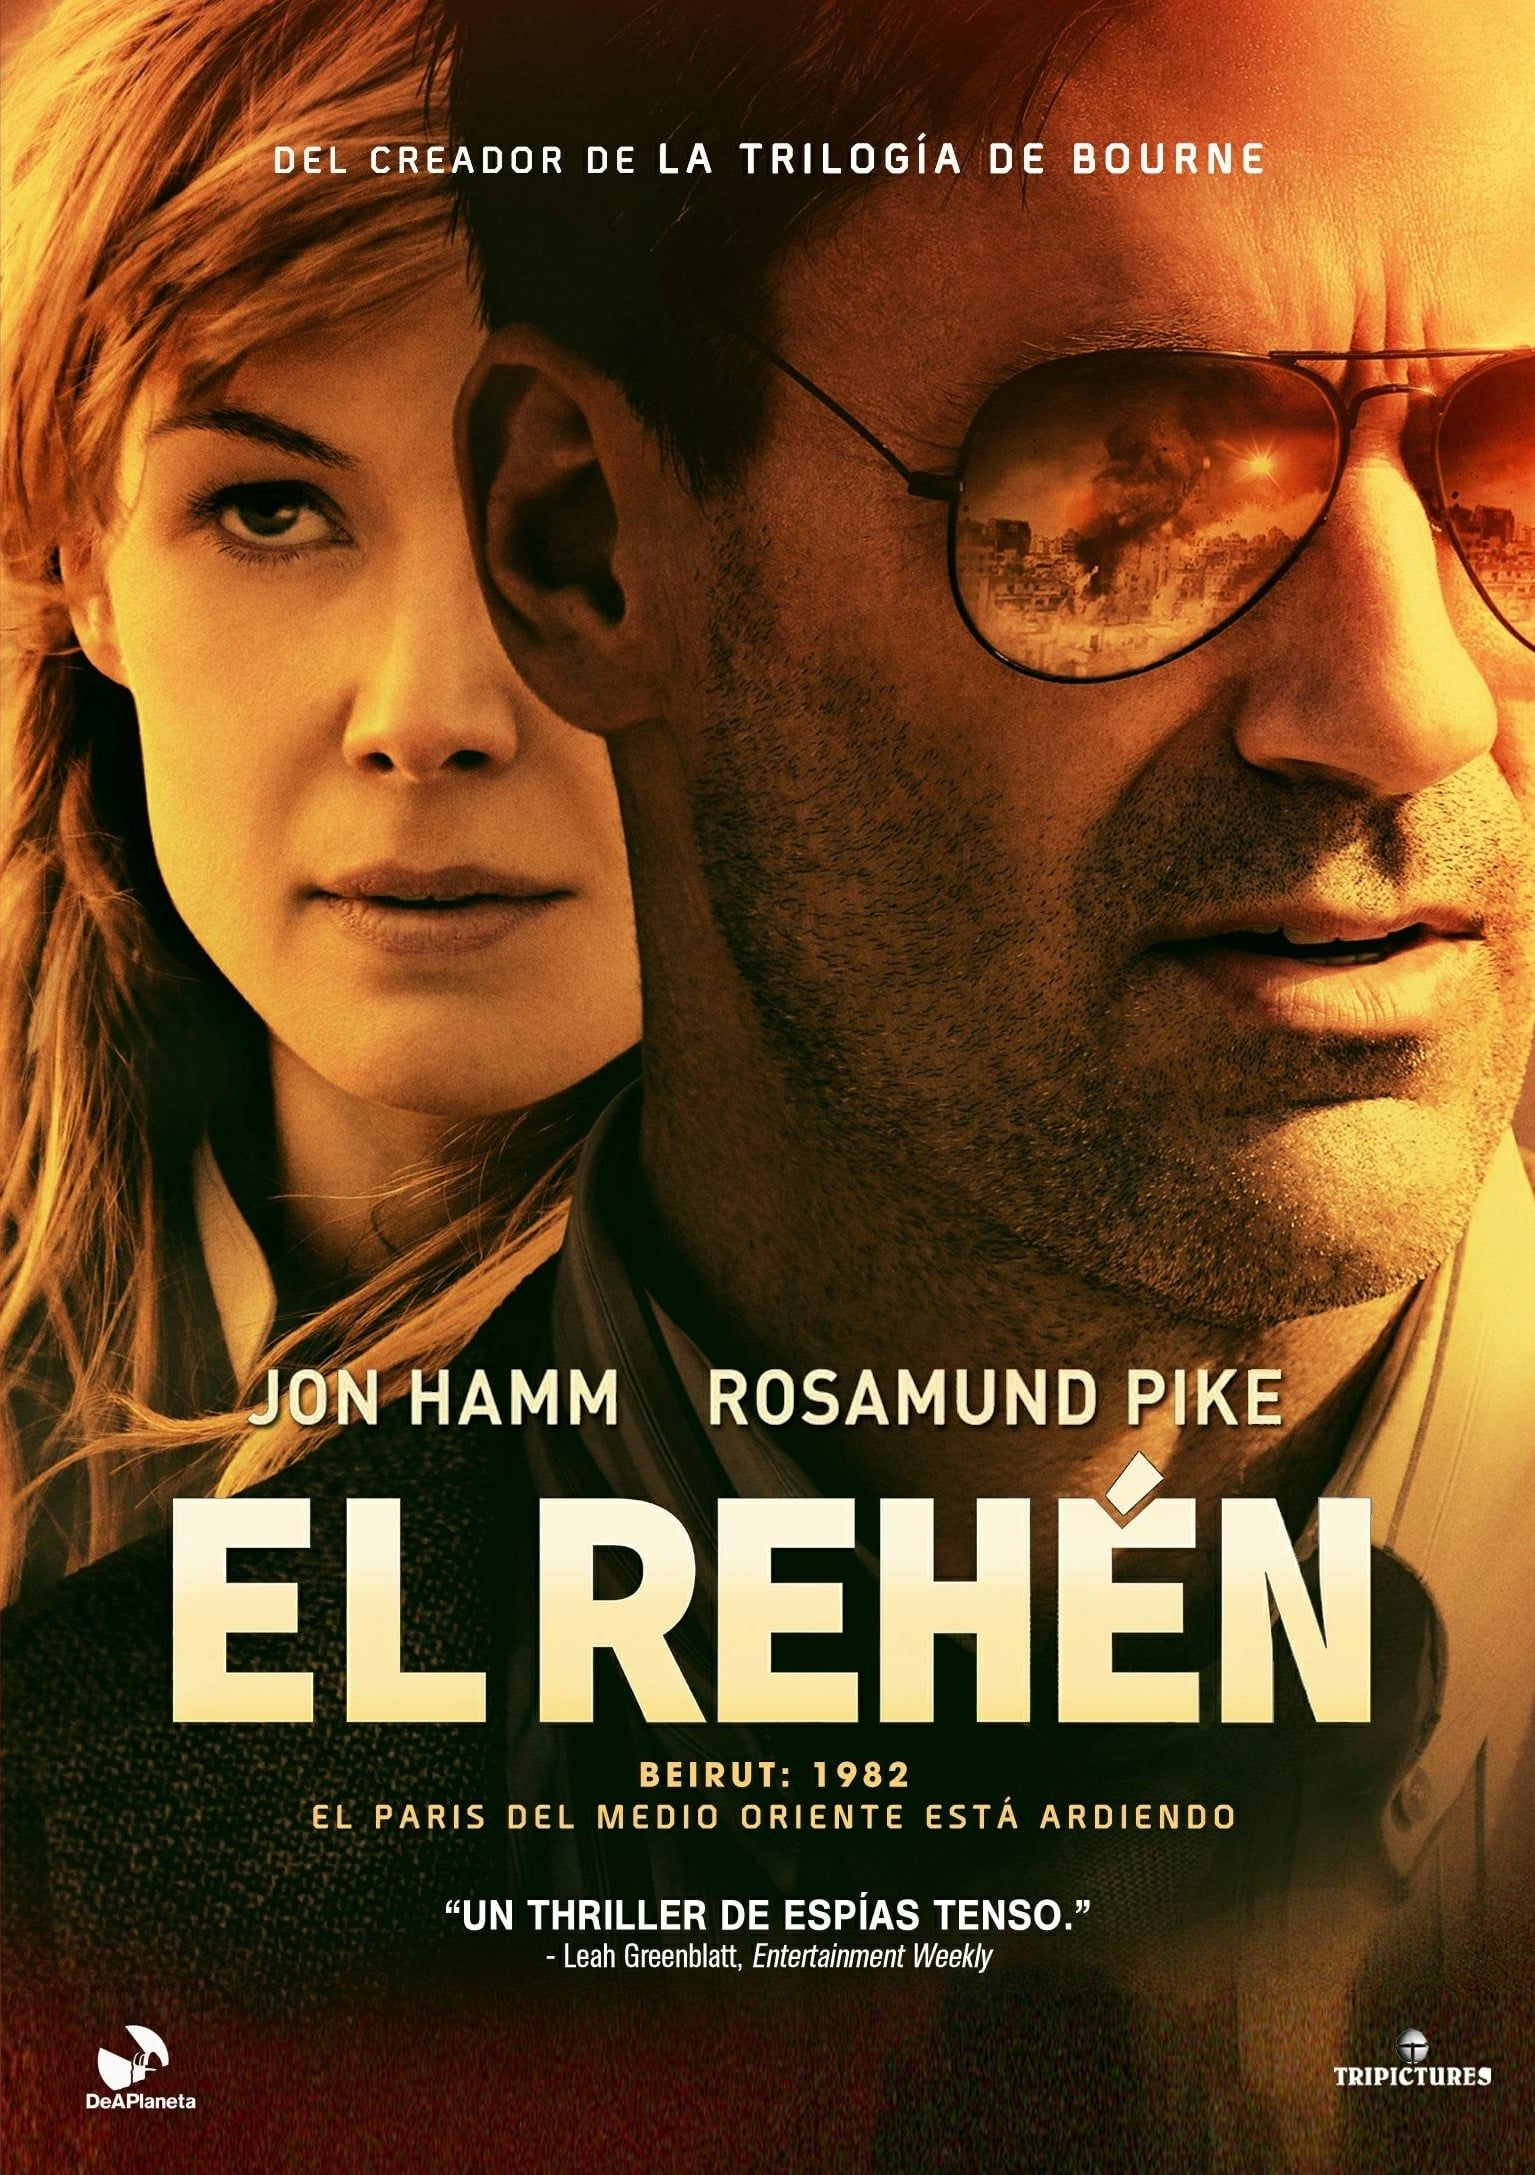 Guarda Hd Beirut Streaming Ita 2018 1080p Hd Altadefizione 21 Min Fa Cb01 Hd Completo Free Movies Online Full Movies Online Free Full Movies